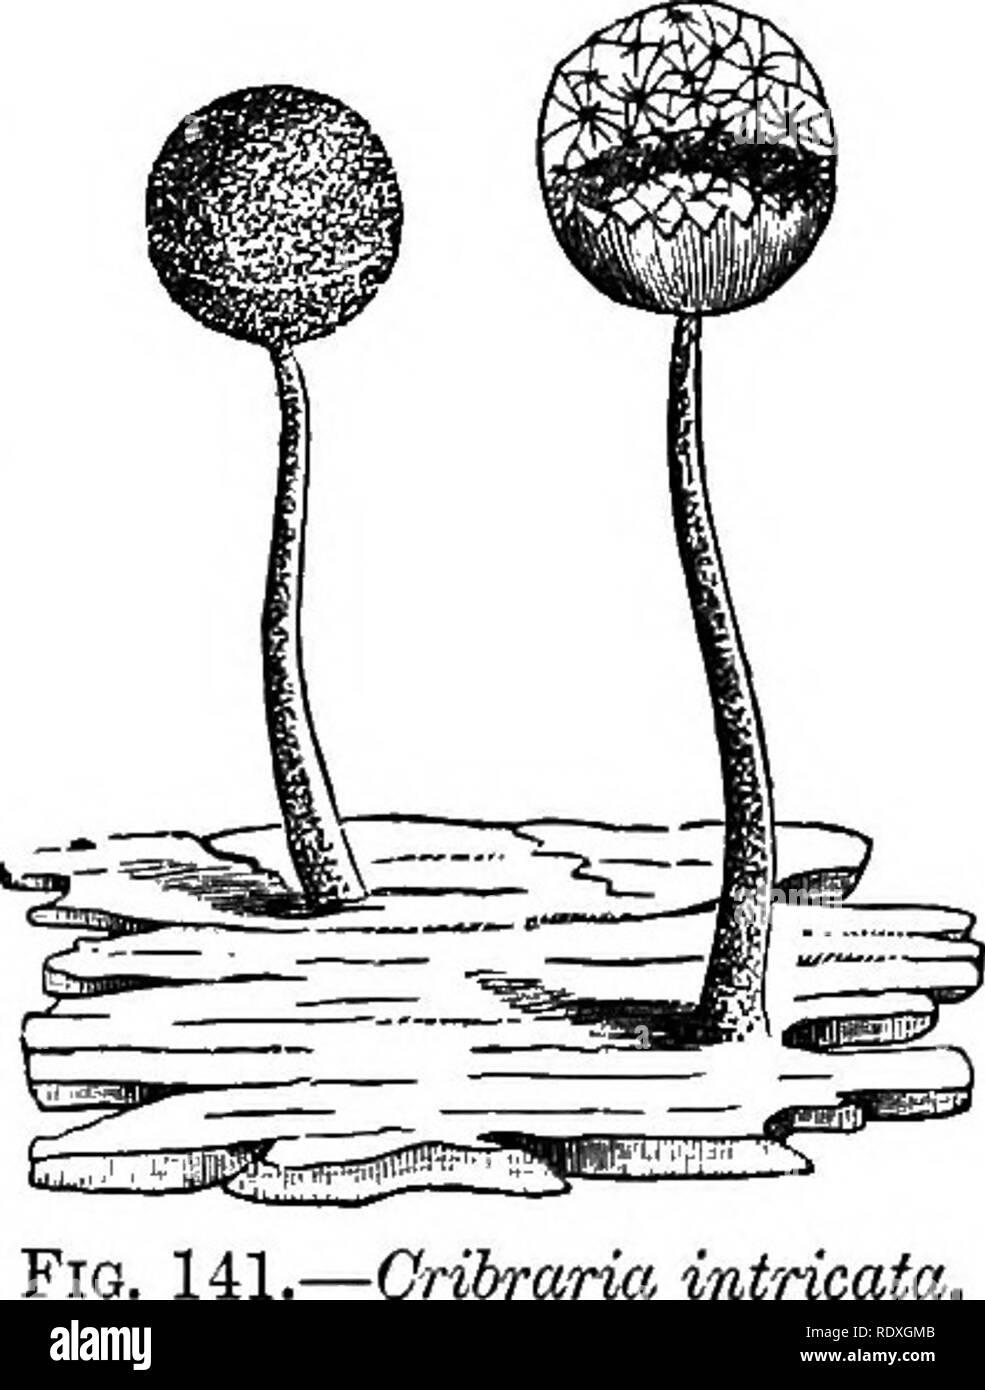 . Introduzione allo studio dei funghi; loro organography, la classificazione e la distribuzione, per l'uso di collettori. Funghi. Il fango funghi-MYXOMYCETES 313 classificazione che è stata adottata per questi organismi singolari, i caratteri per cui sono derivati dal finale e condizione riproduttiva. Il primo dei quattro ordini, in cui tutto il gruppo è suddiviso, è il Peritrichiaceae, in cui la parete del sporangium non è incrostata con calce e il capillitium è assente o formata dalla parete del sporangium. Questo ordine è suddivisa ancora in due sottordini-che di Foto Stock